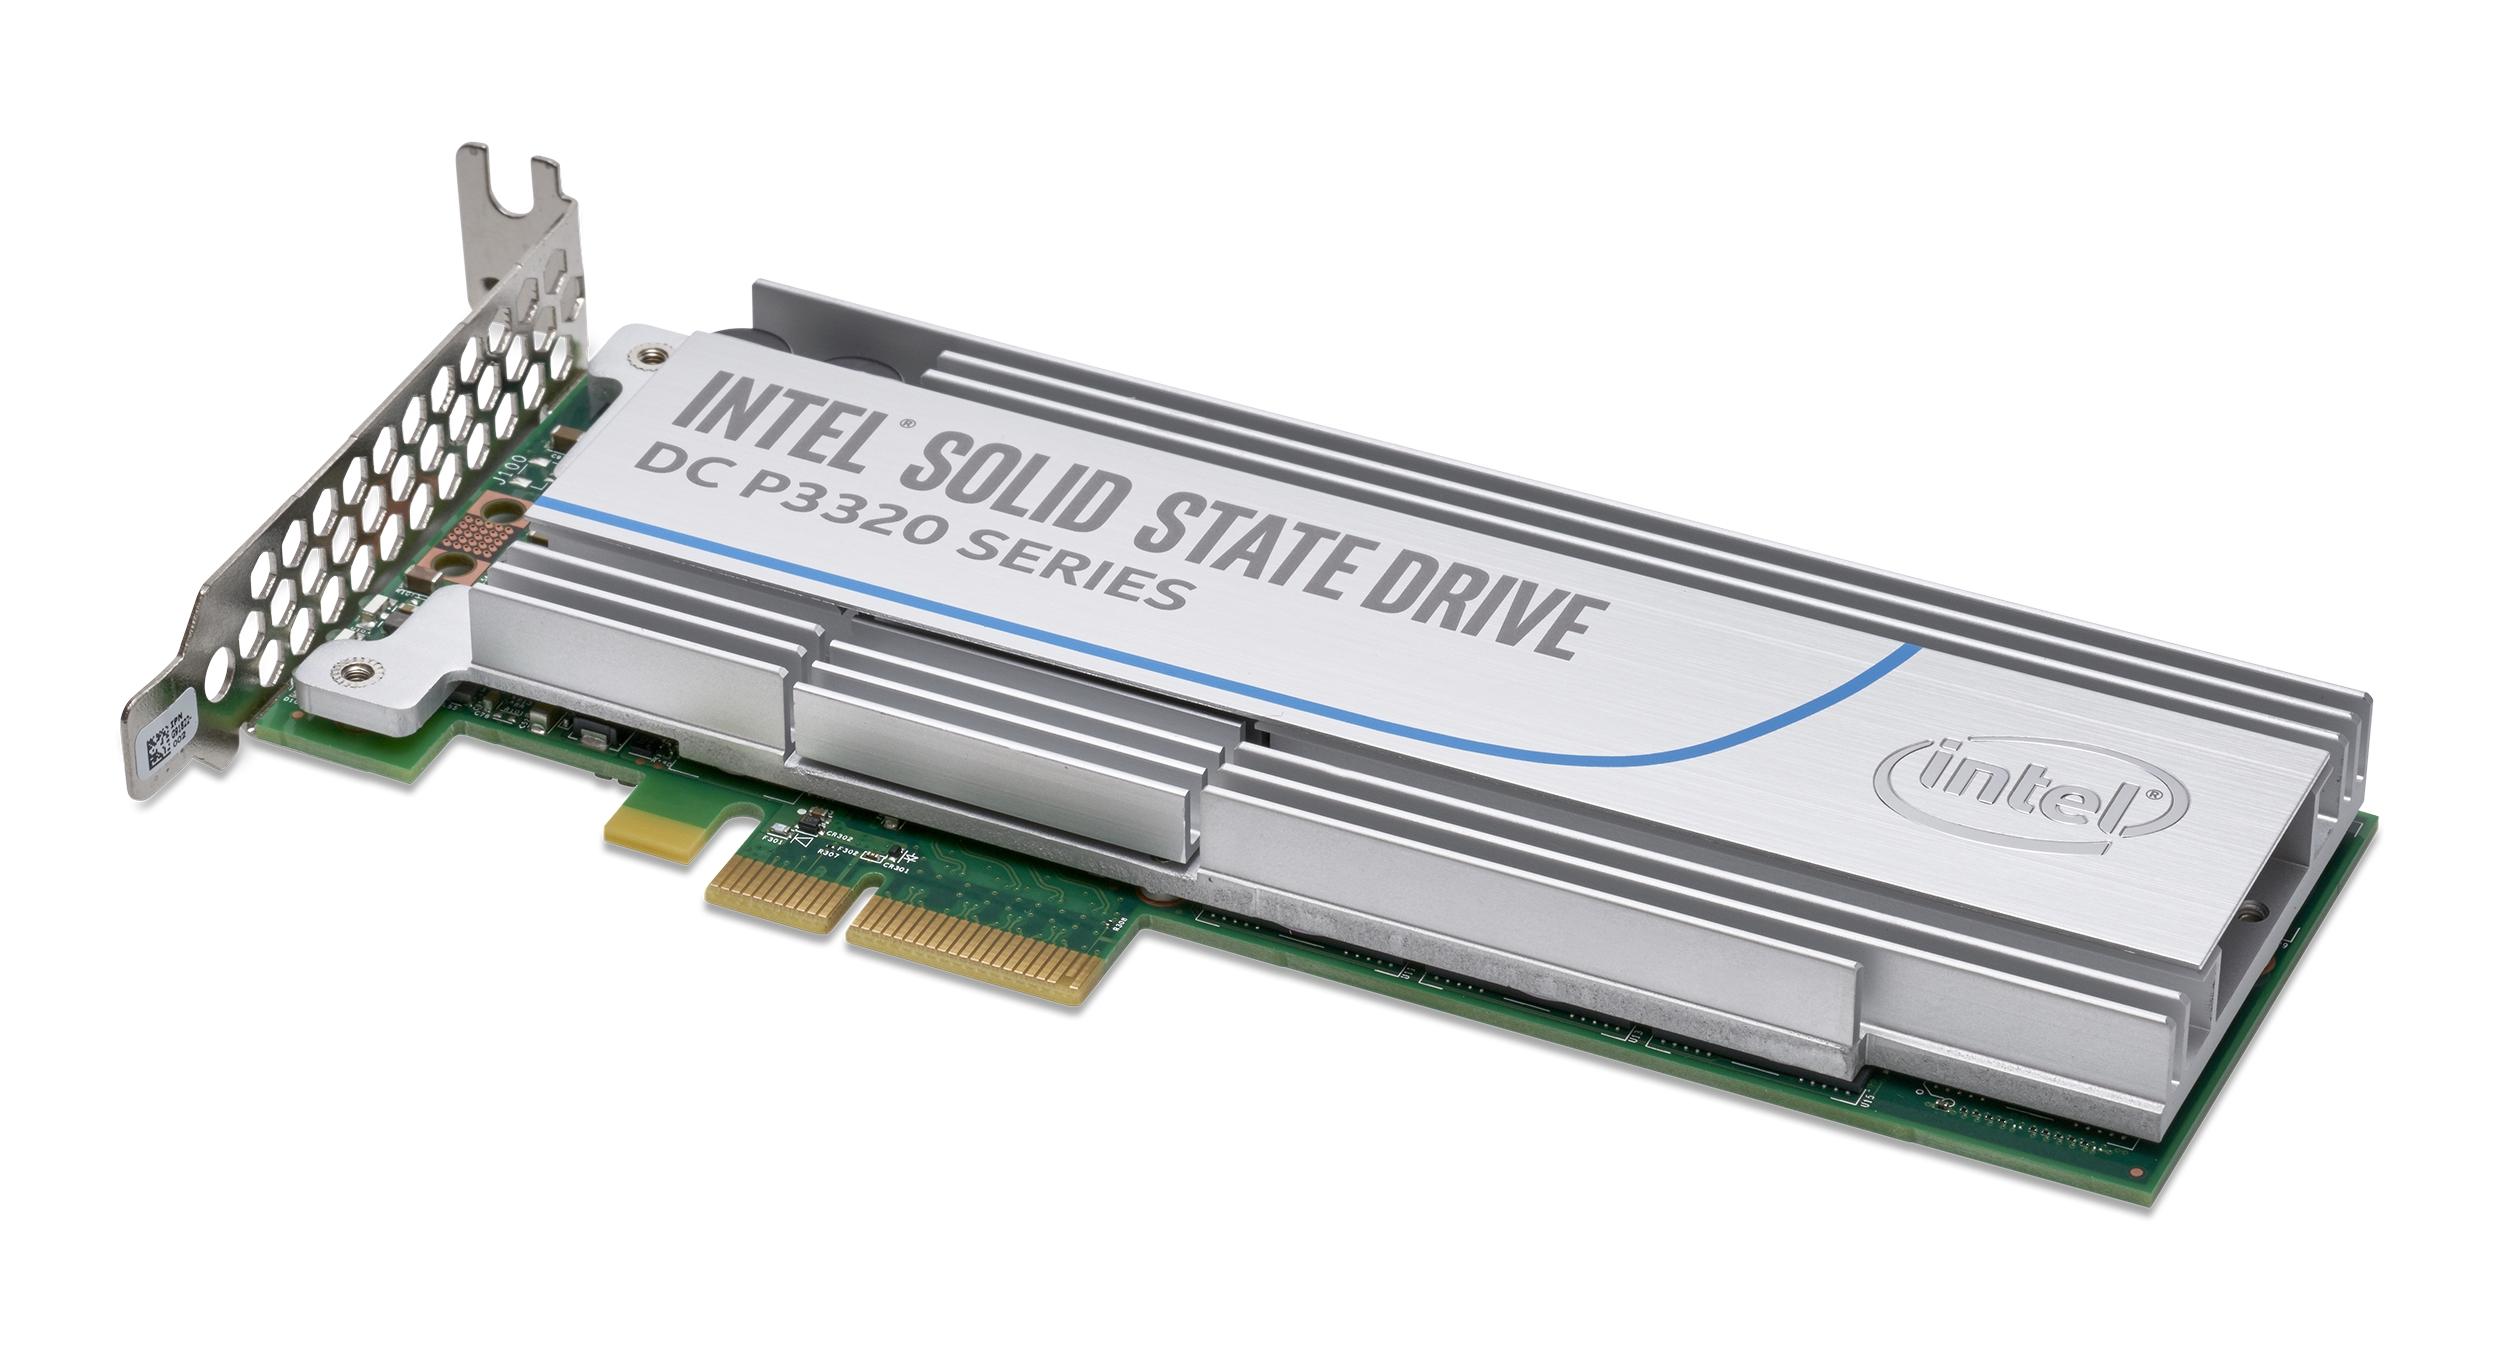 SSD-DC-P3320-1-2016